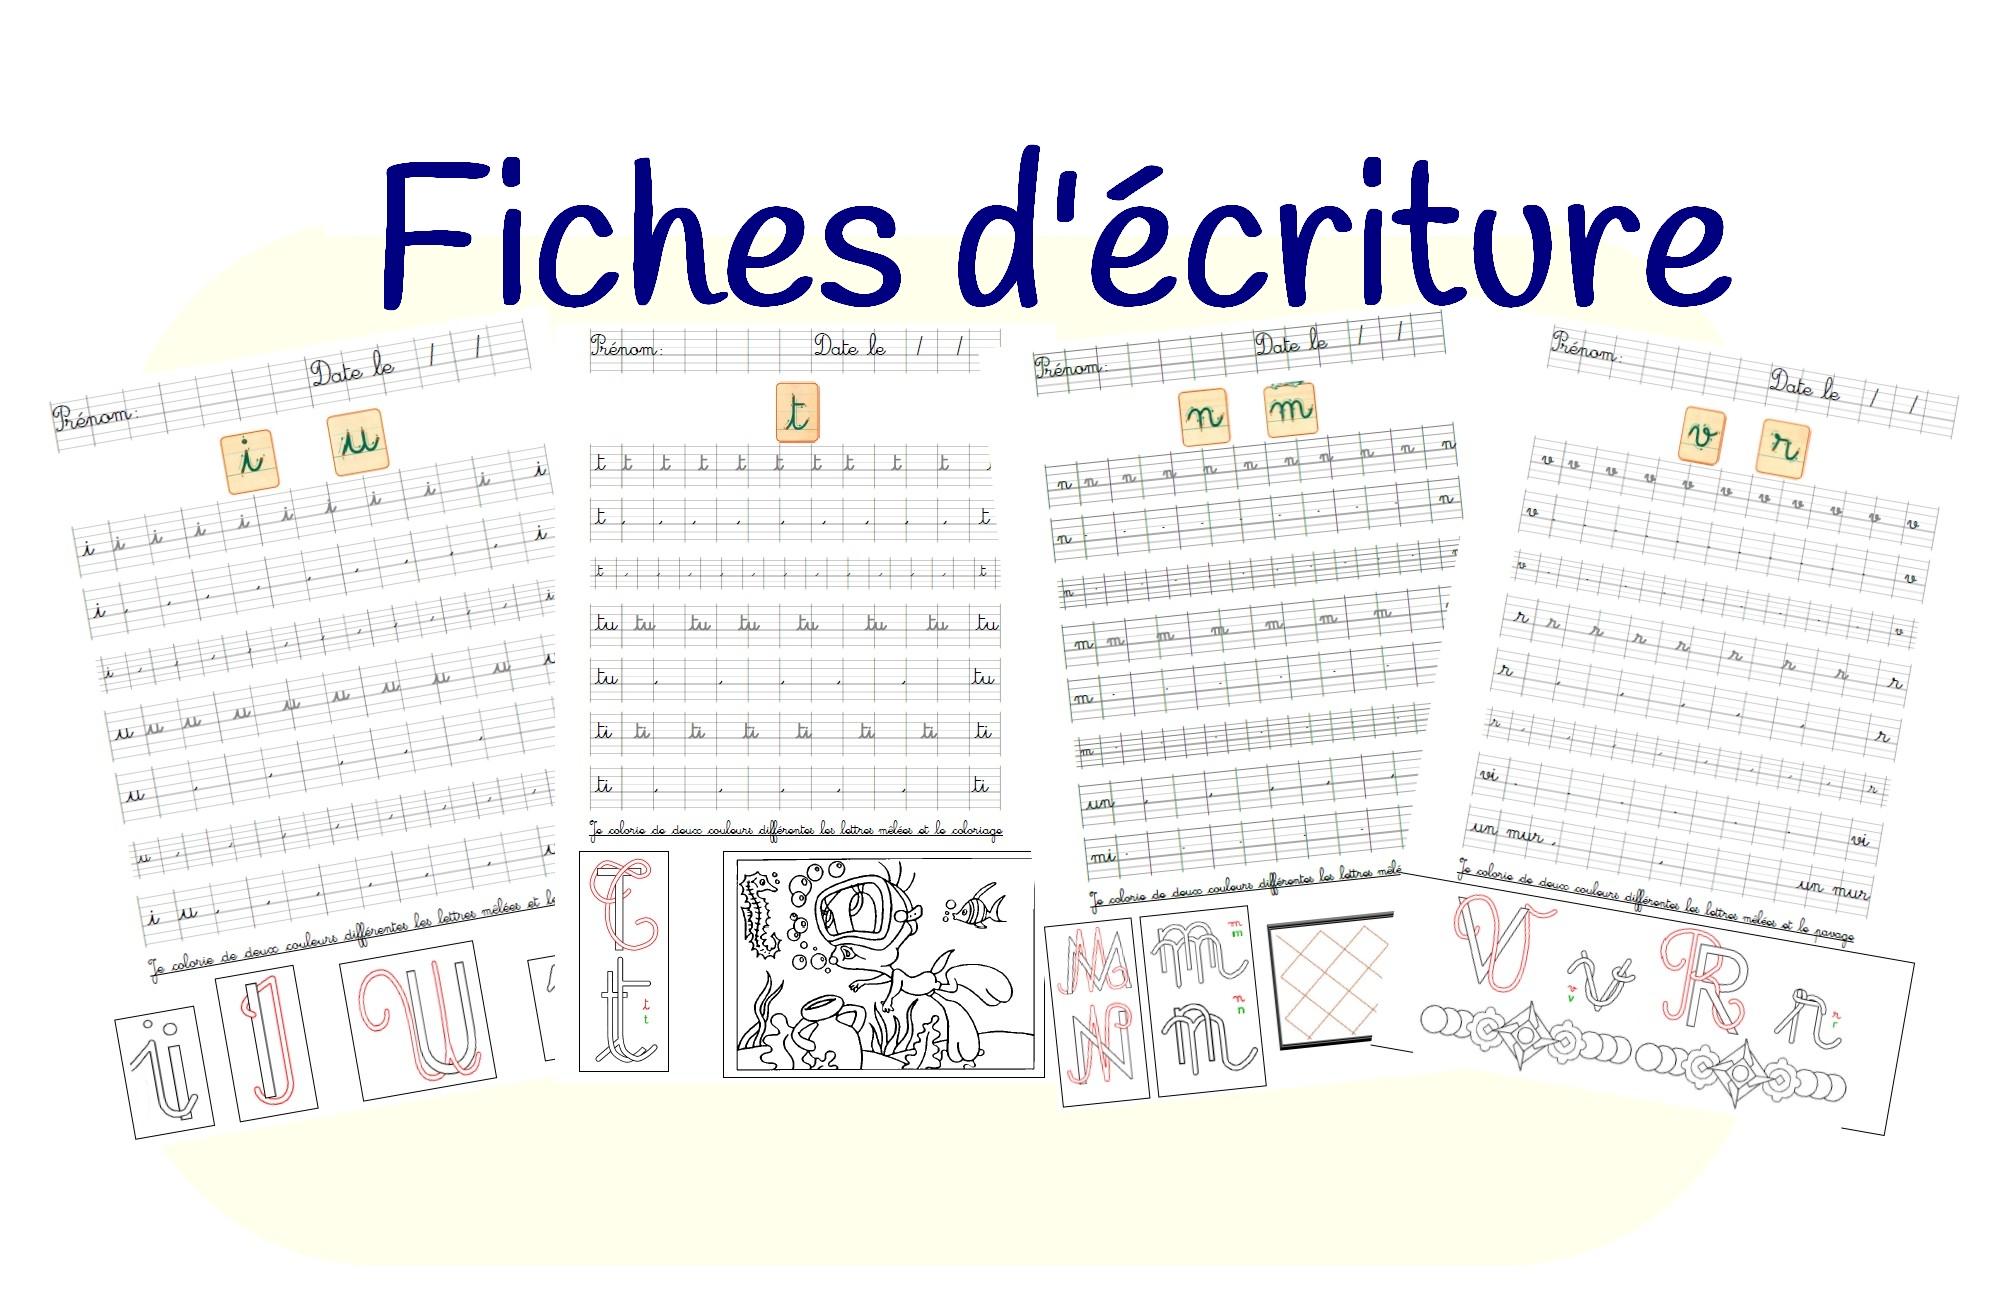 Fiches D'entraînement D'écriture Cursive pour Apprendre A Écrire Les Lettres